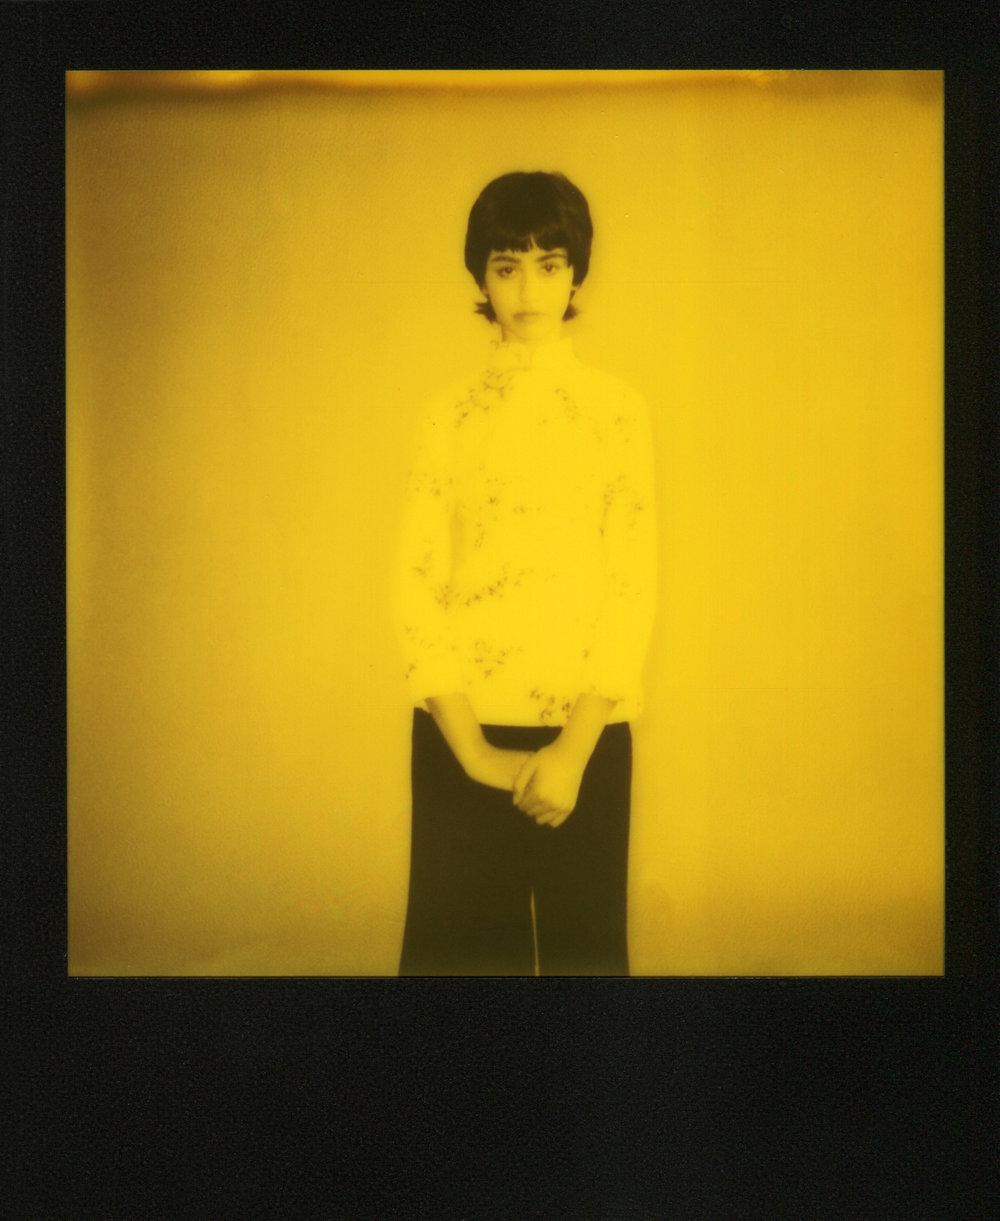 Valentina-Yellow-Polaroid-casenruiz.jpg